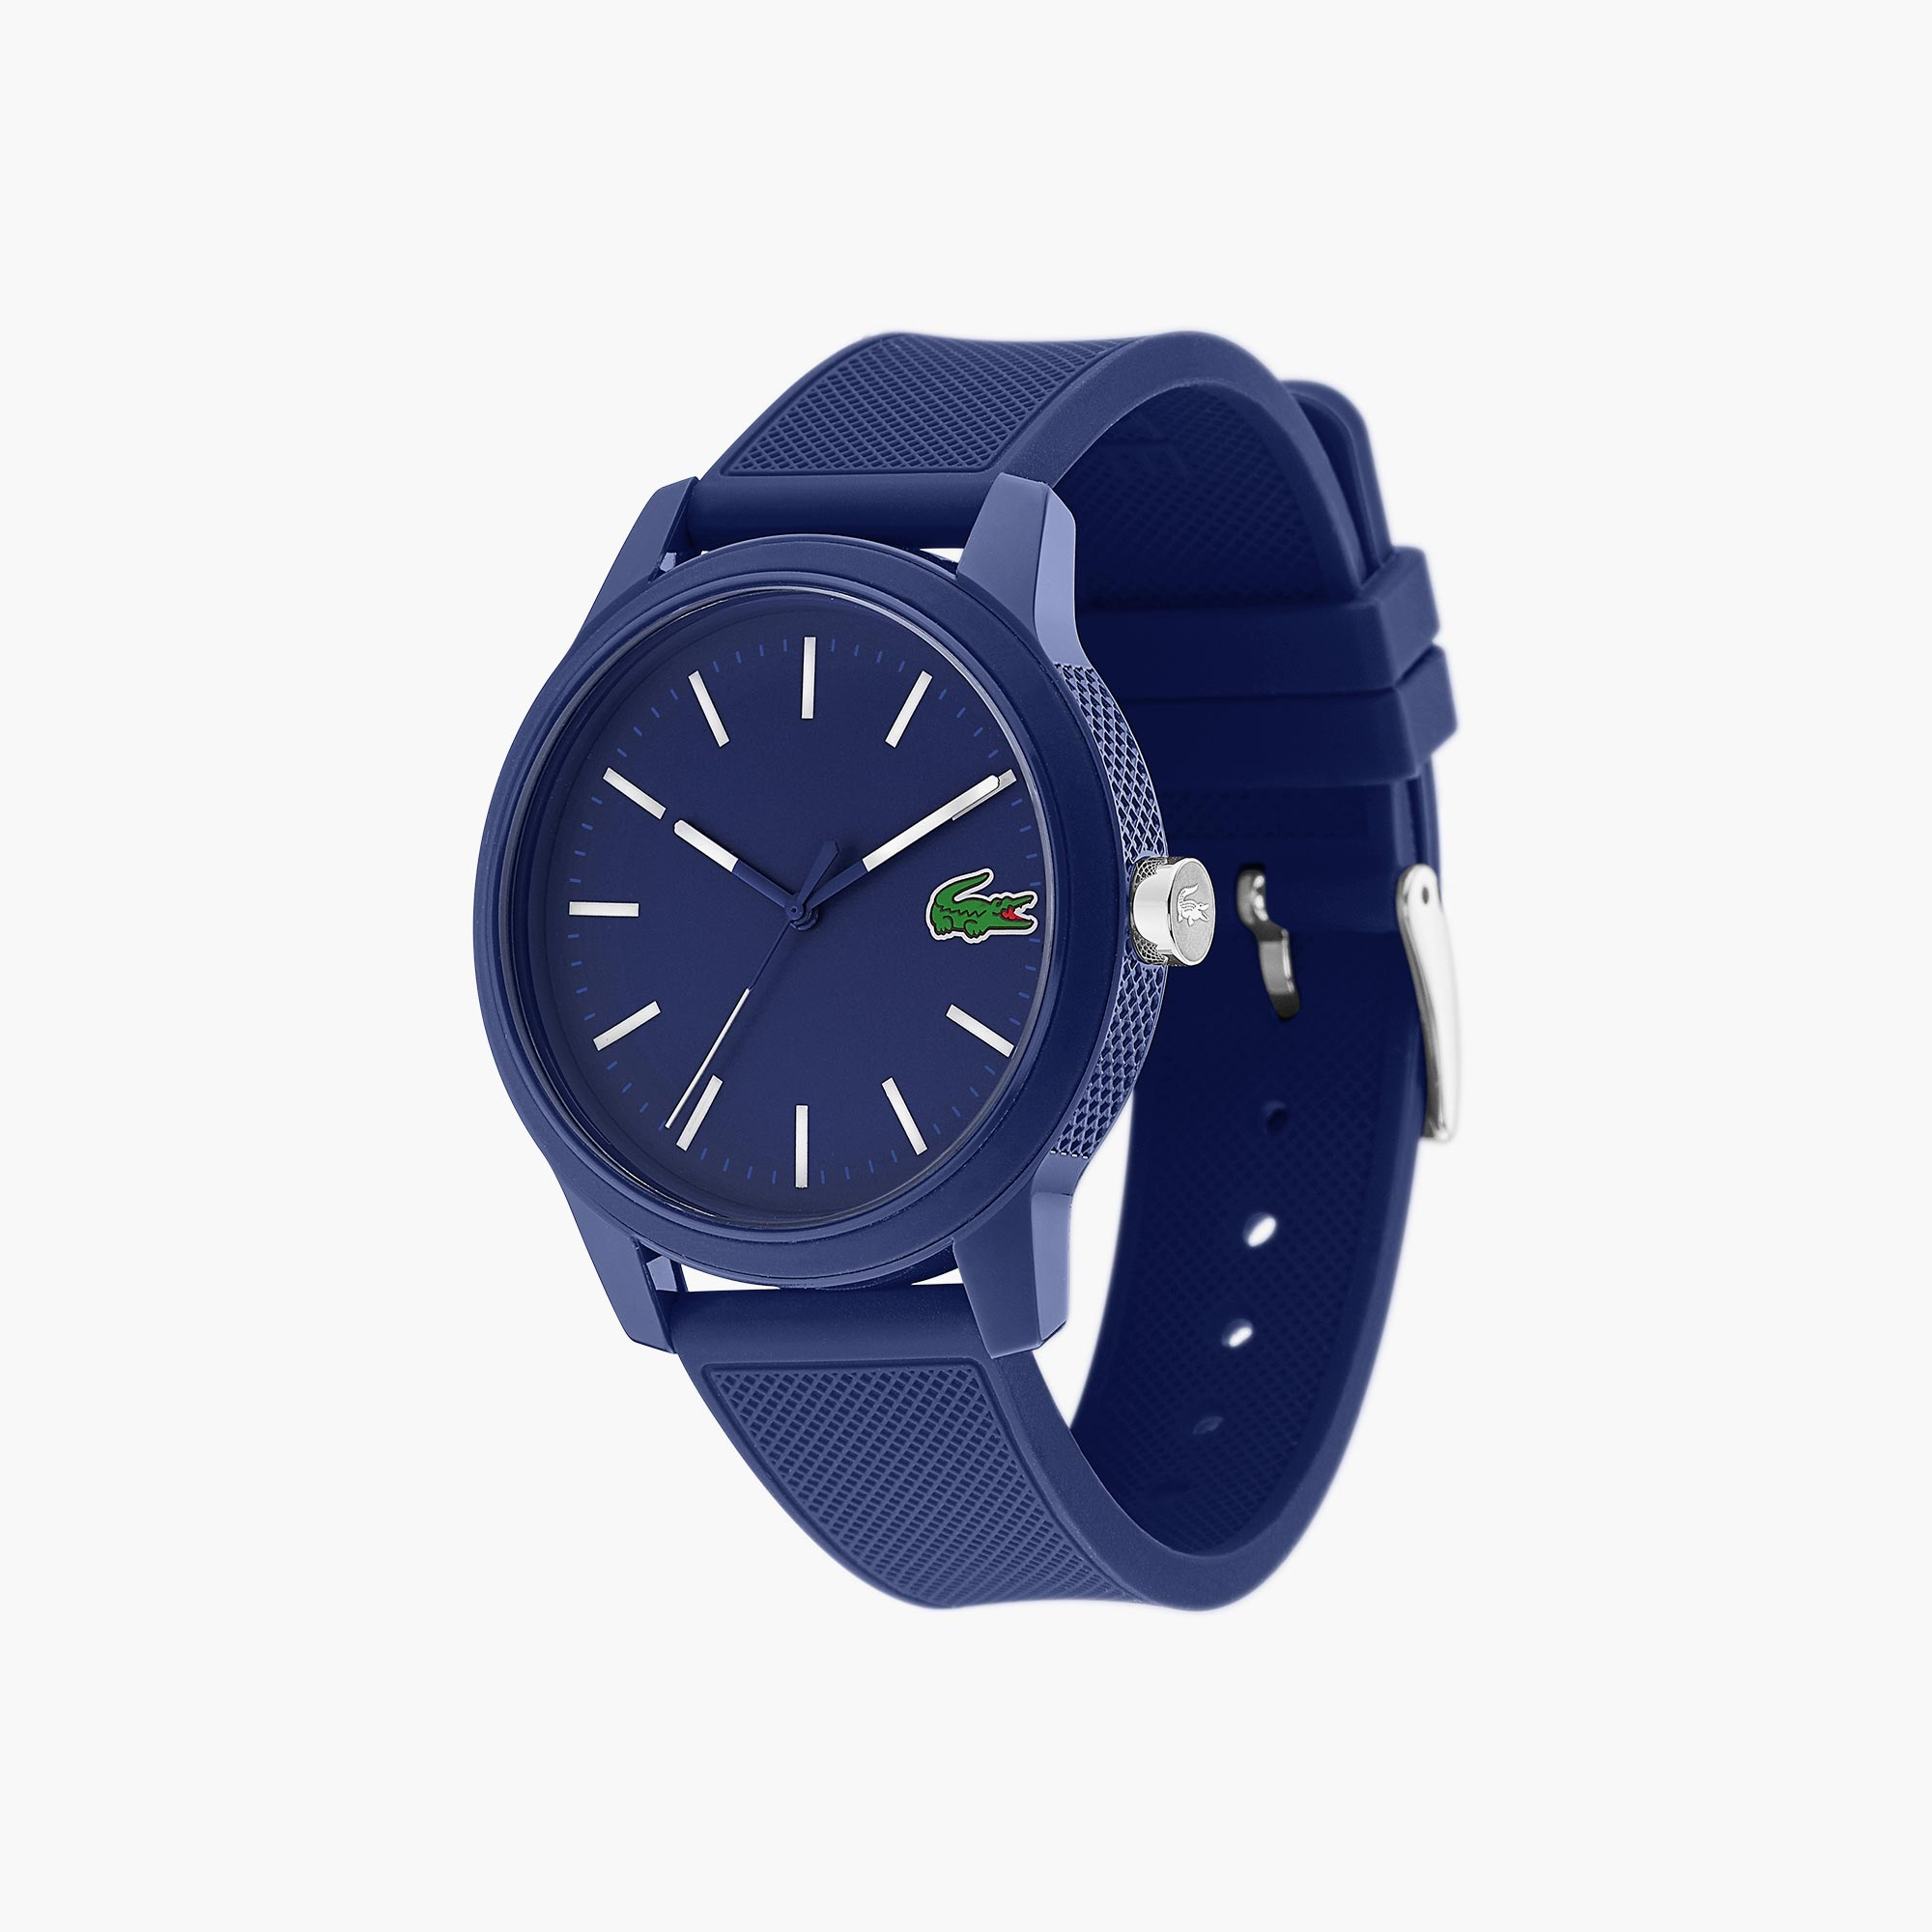 Relógio Lacoste 12.12 de homem com bracelete de silicone azul